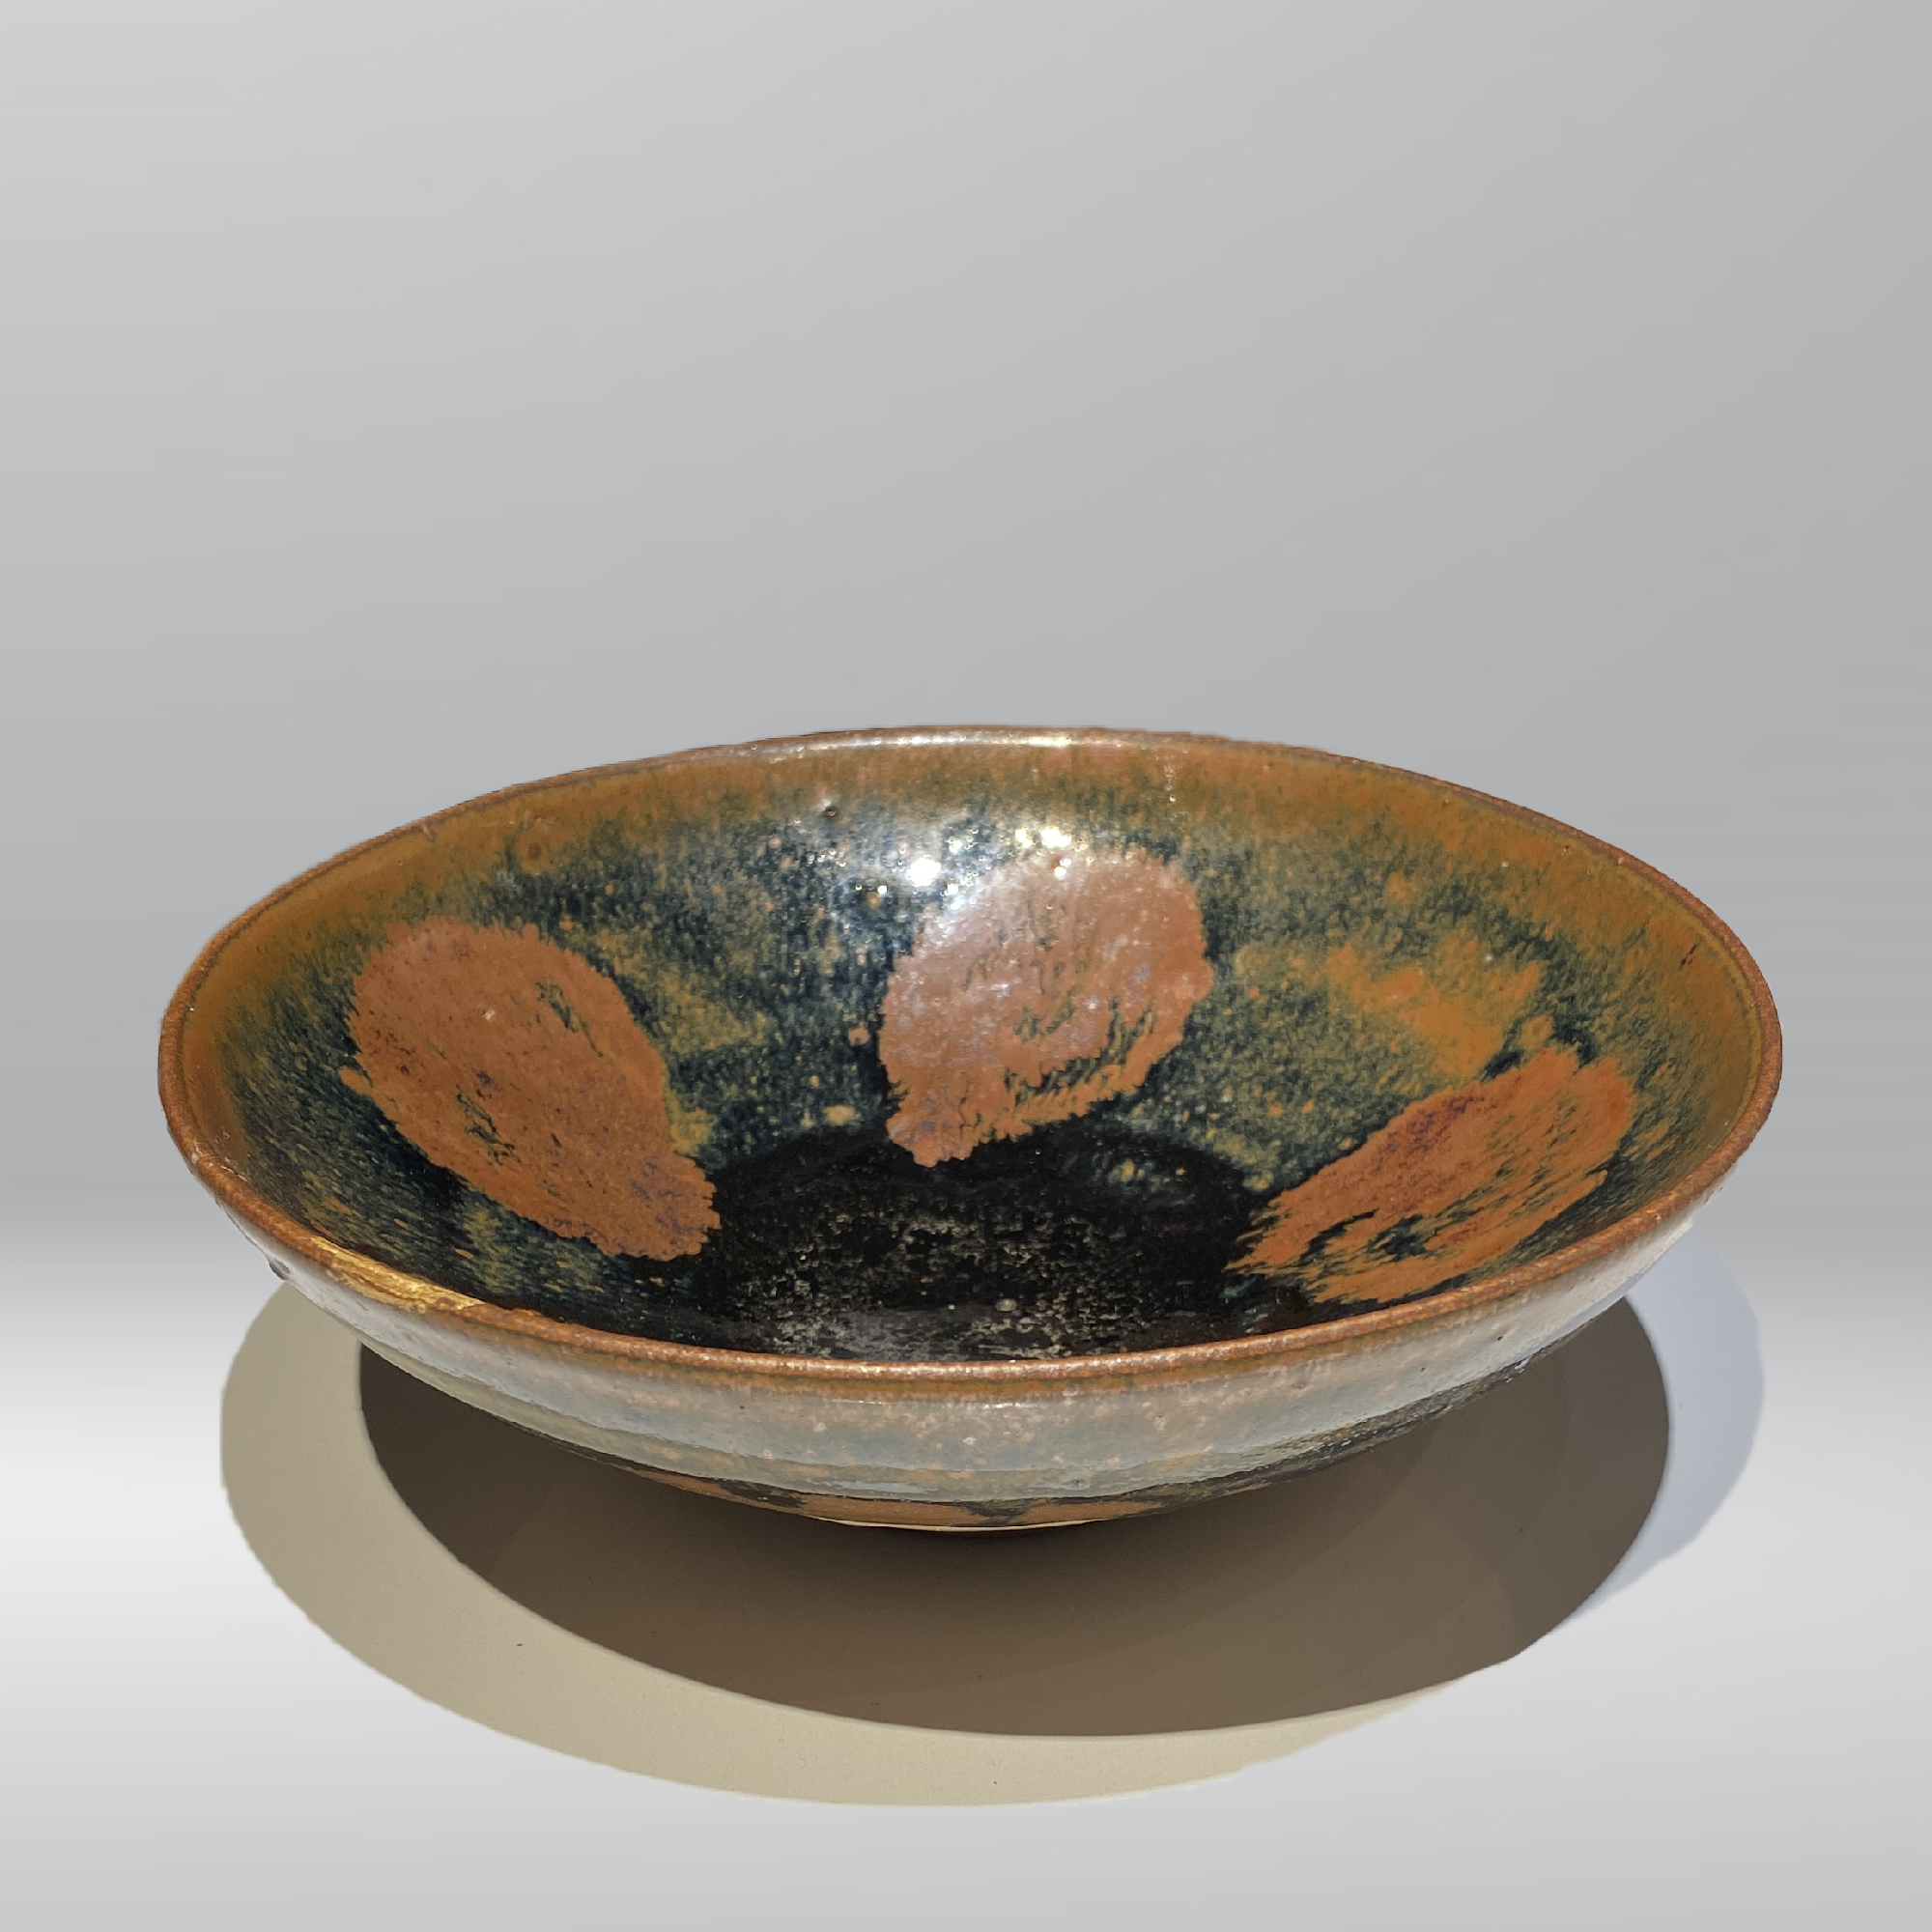 Bol en céramique de type Cizhou,  dynastie Song / Jin, 12e, 13e siècle.